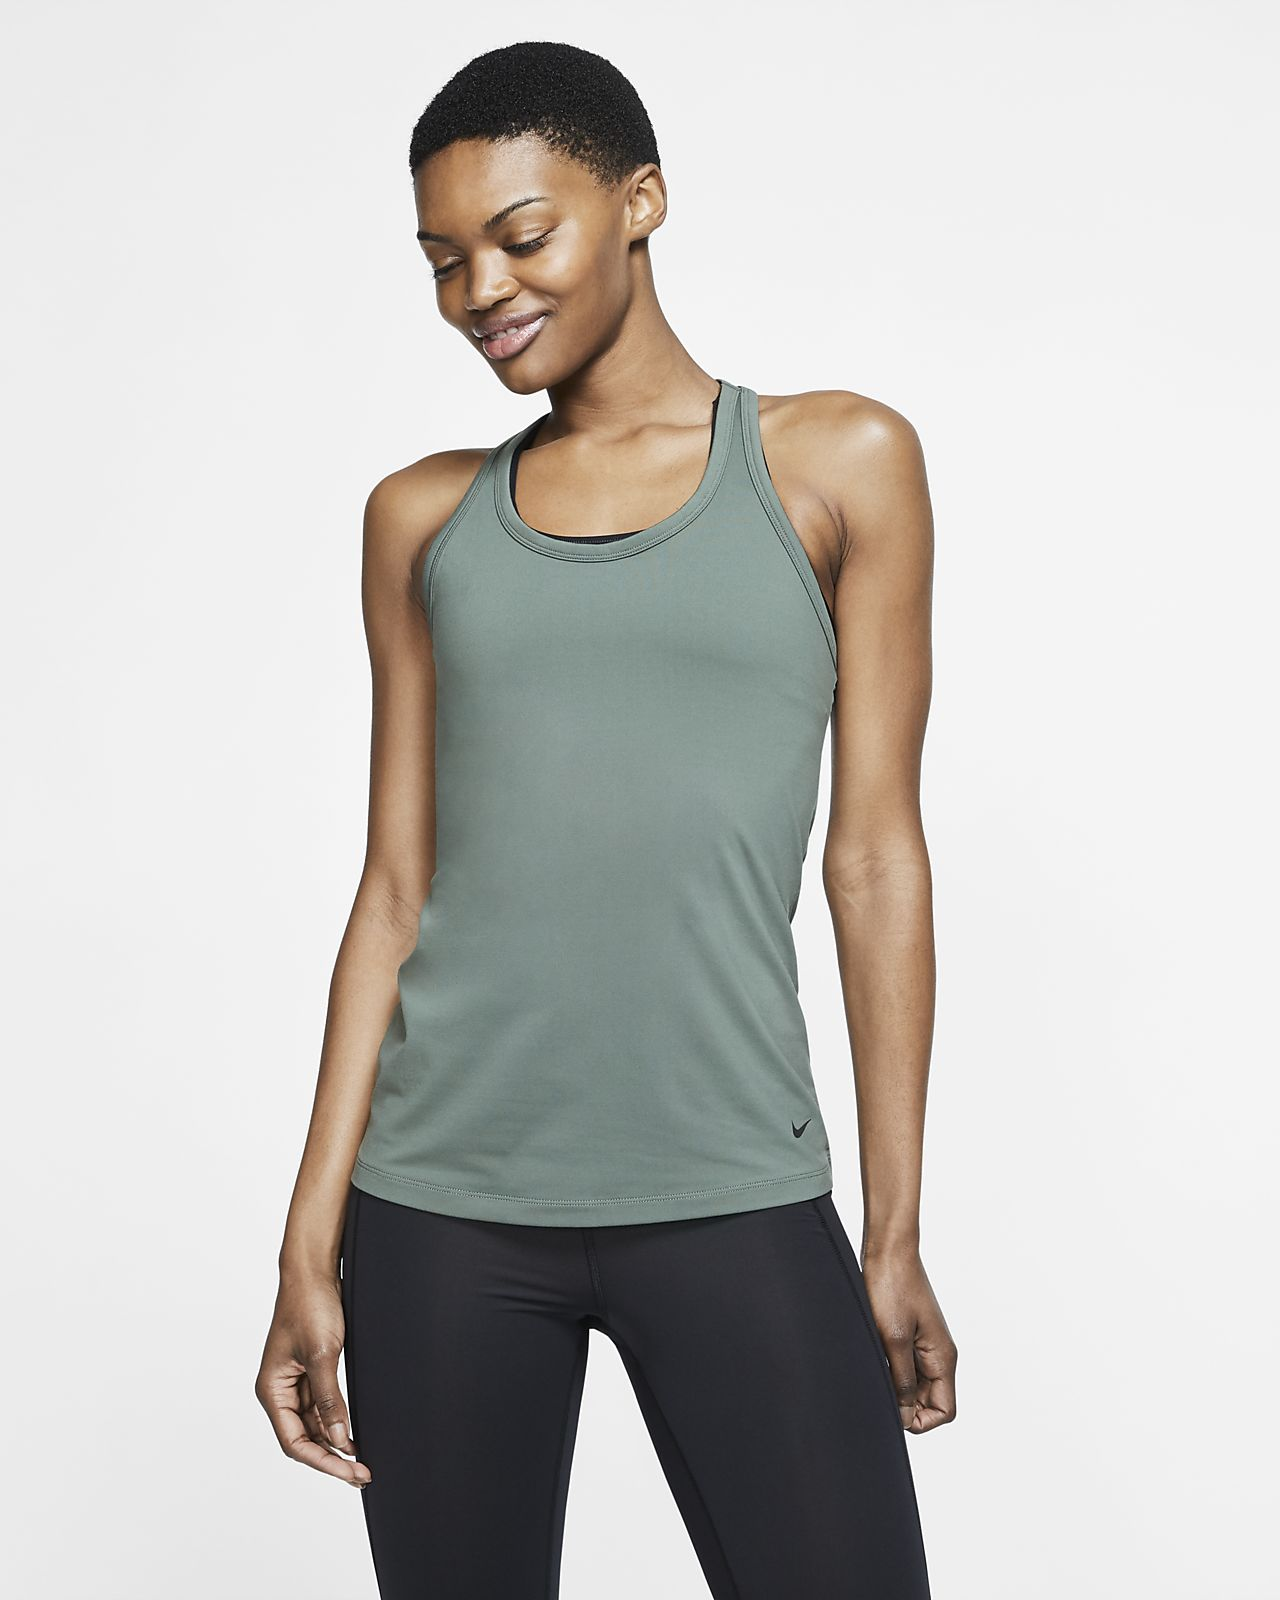 Débardeur de training de yoga Nike Get Fit pour Femme